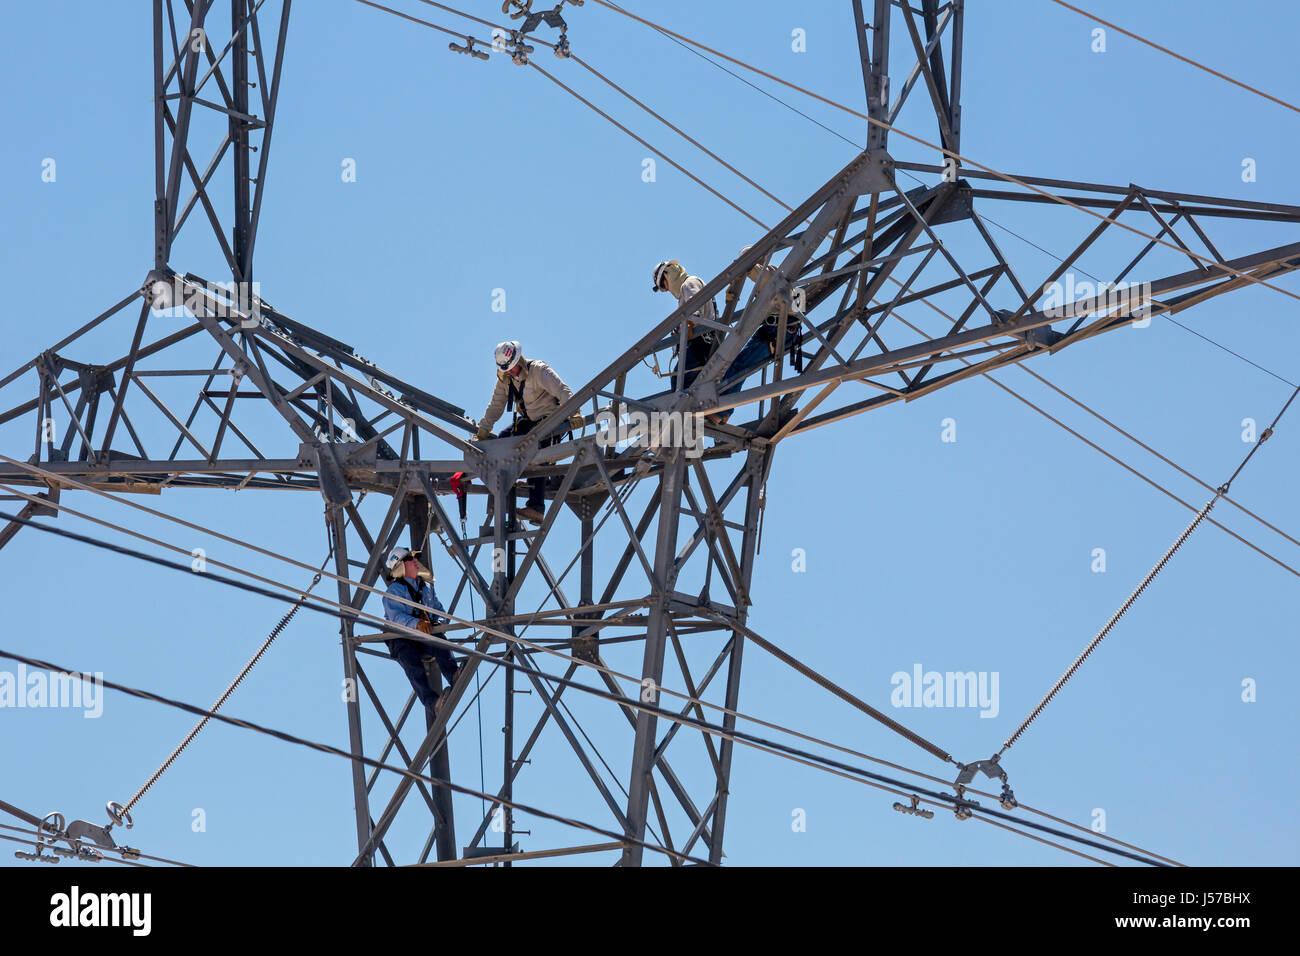 Tucson, Arizona - Arbeiter auf eine hohe Spannung der elektrischen Übertragung Turm in Tucson Electric Power Stockbild